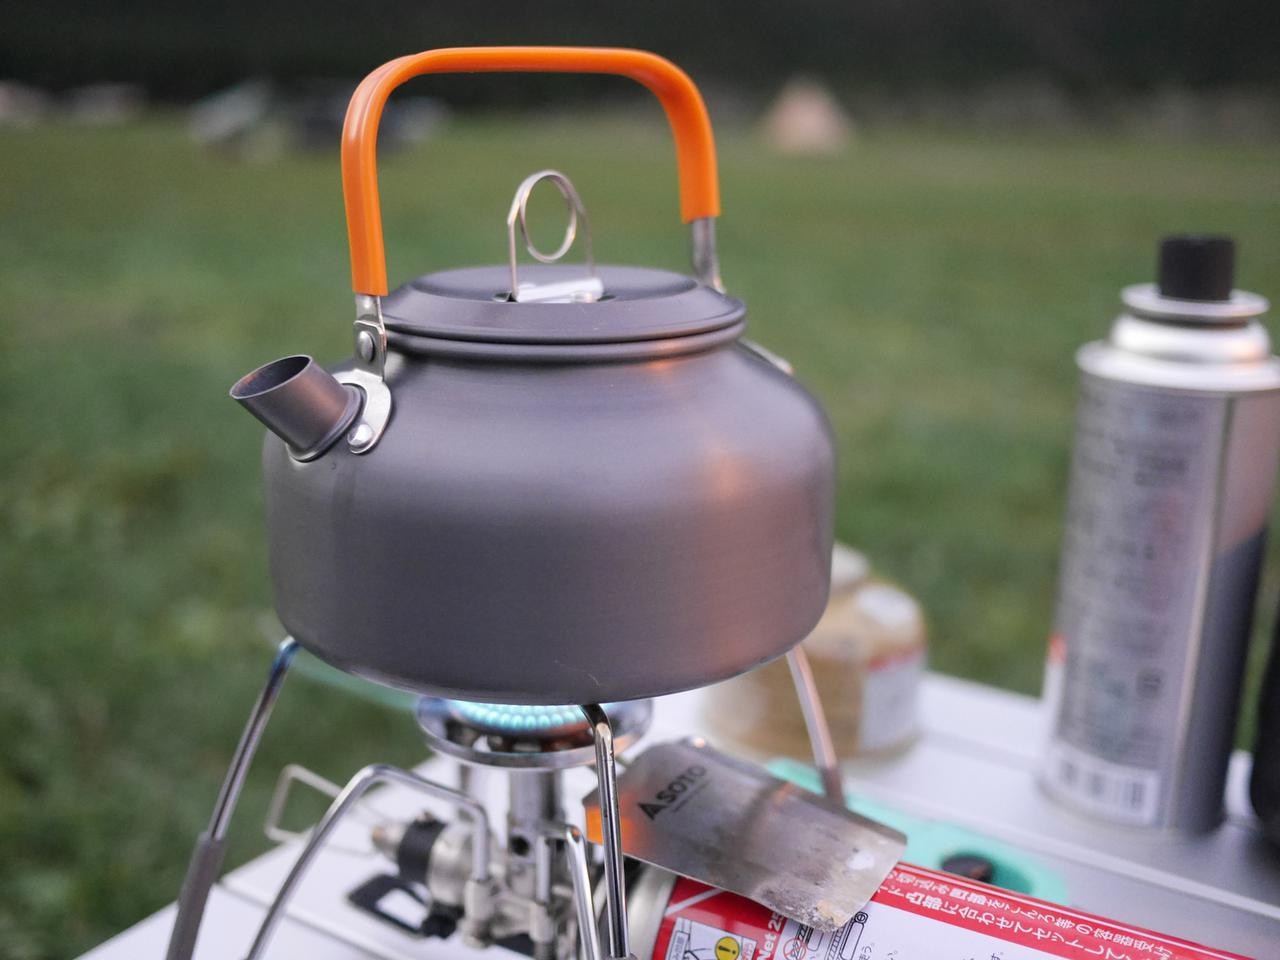 画像: ケトルで沸かしたお湯をバケツに入れるだけの簡単自作足湯! 温泉スタンドを利用するのもおすすめ